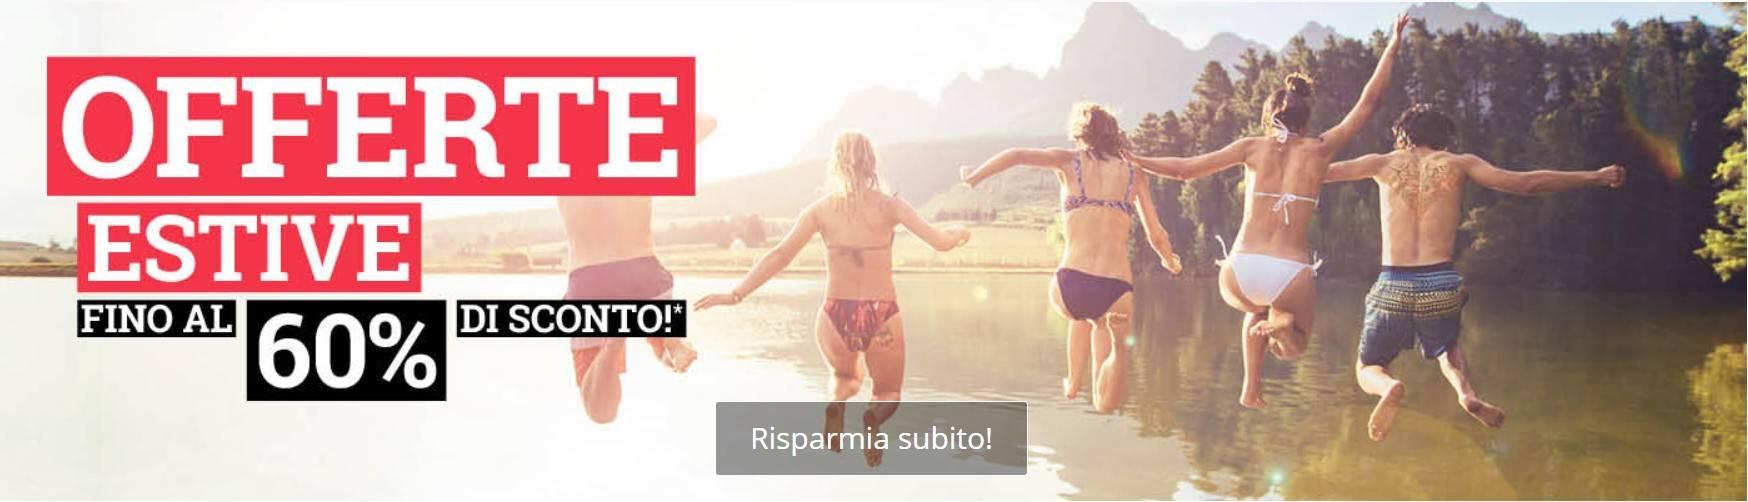 offerte_estive_emp